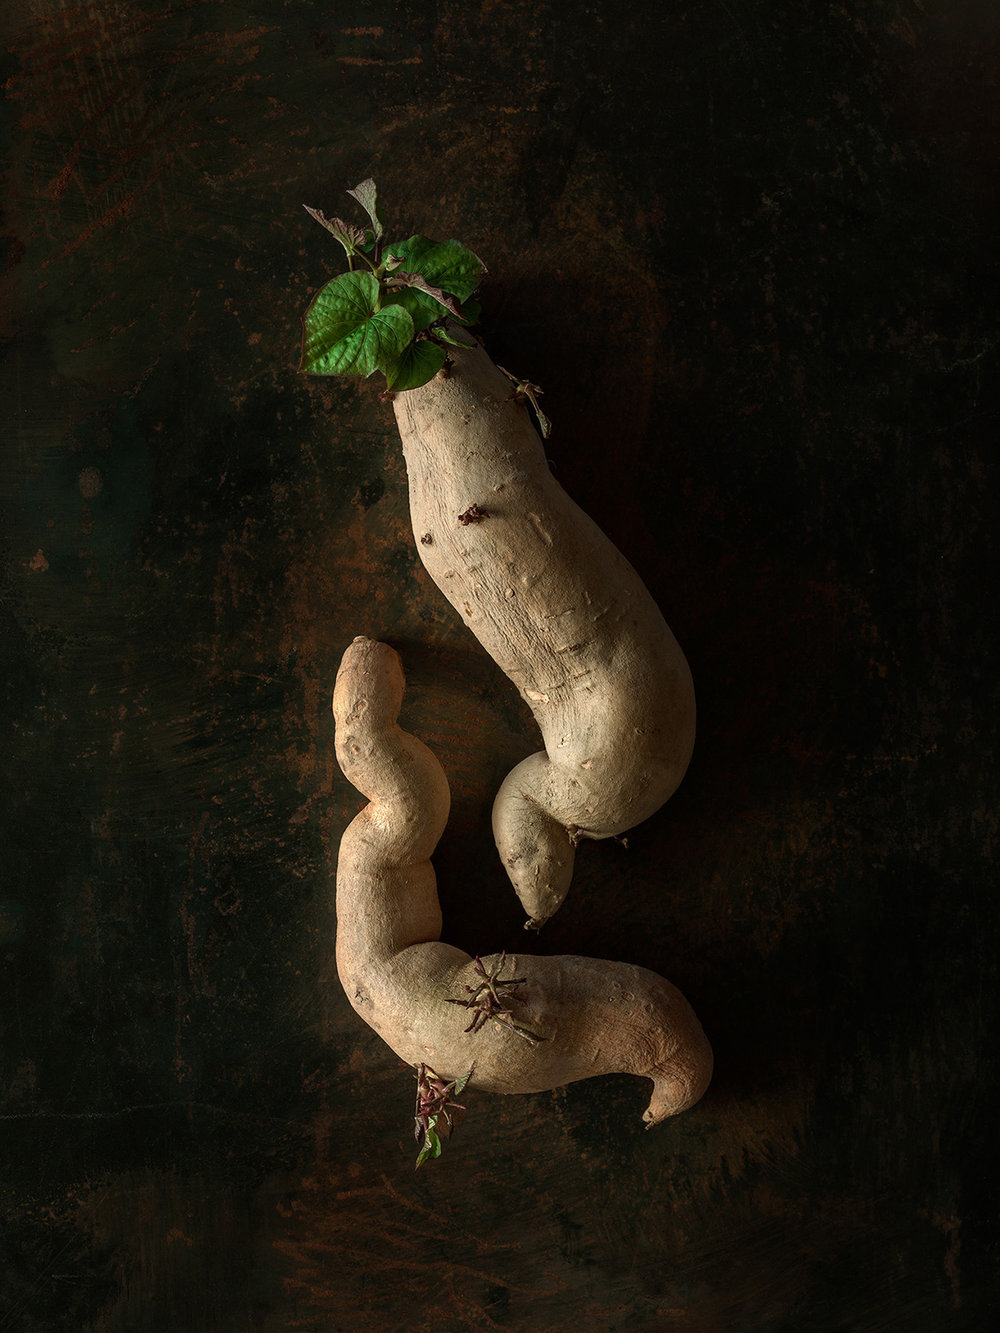 Beth_Galton_Amour_de_Pomme_de_Terre_Fingerlin_Sweet_Potato_6_4days_5.jpg